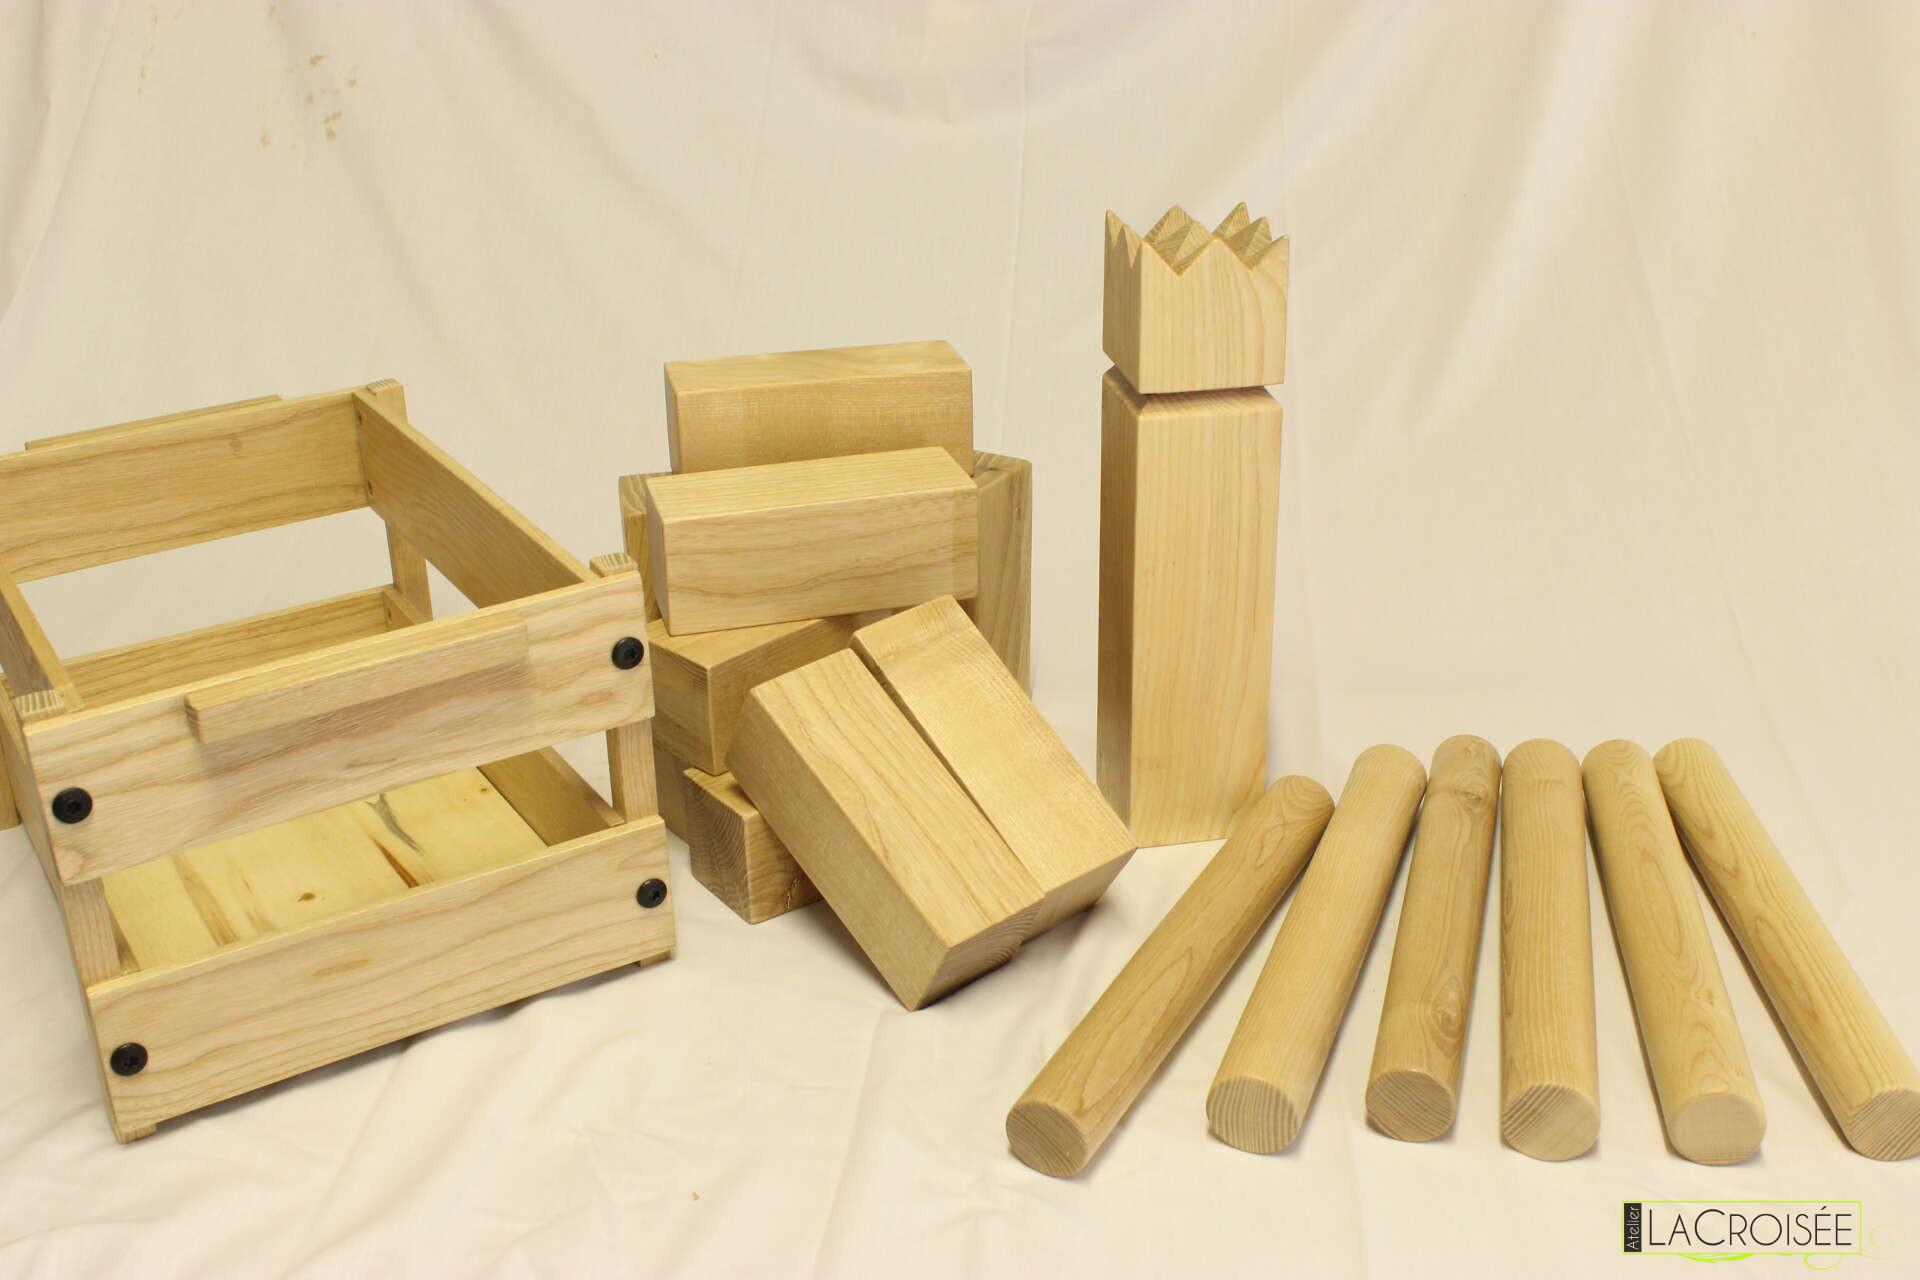 Fabriquer Une Applique En Bois fabrication d'un jeu en bois – kubb artisanal (en frêne